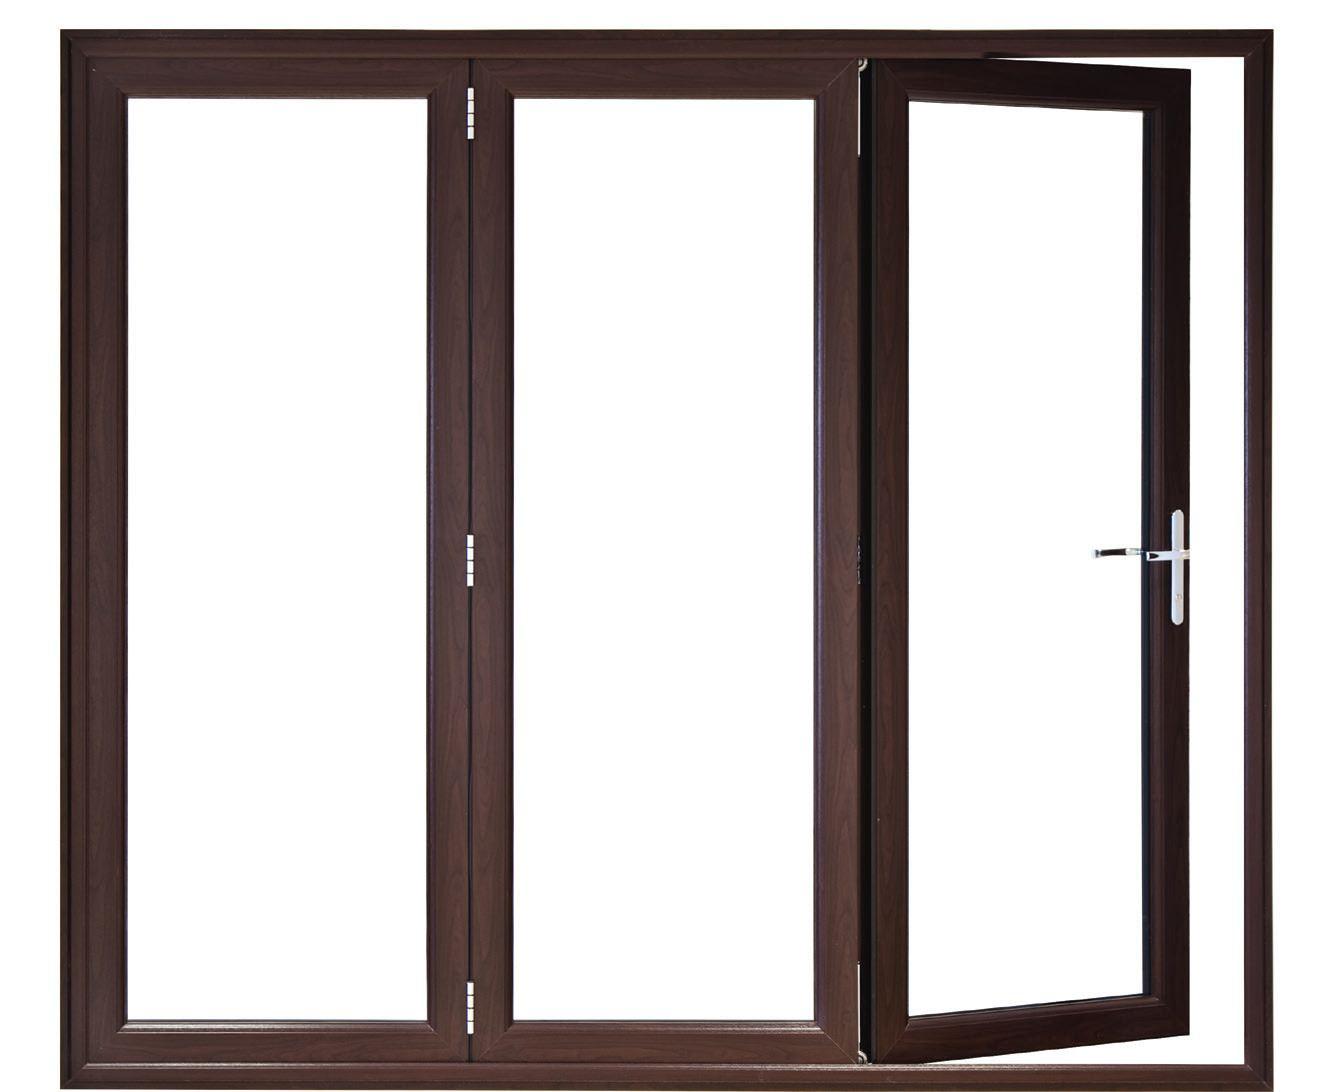 Bif Fold Doors installer Glasgow